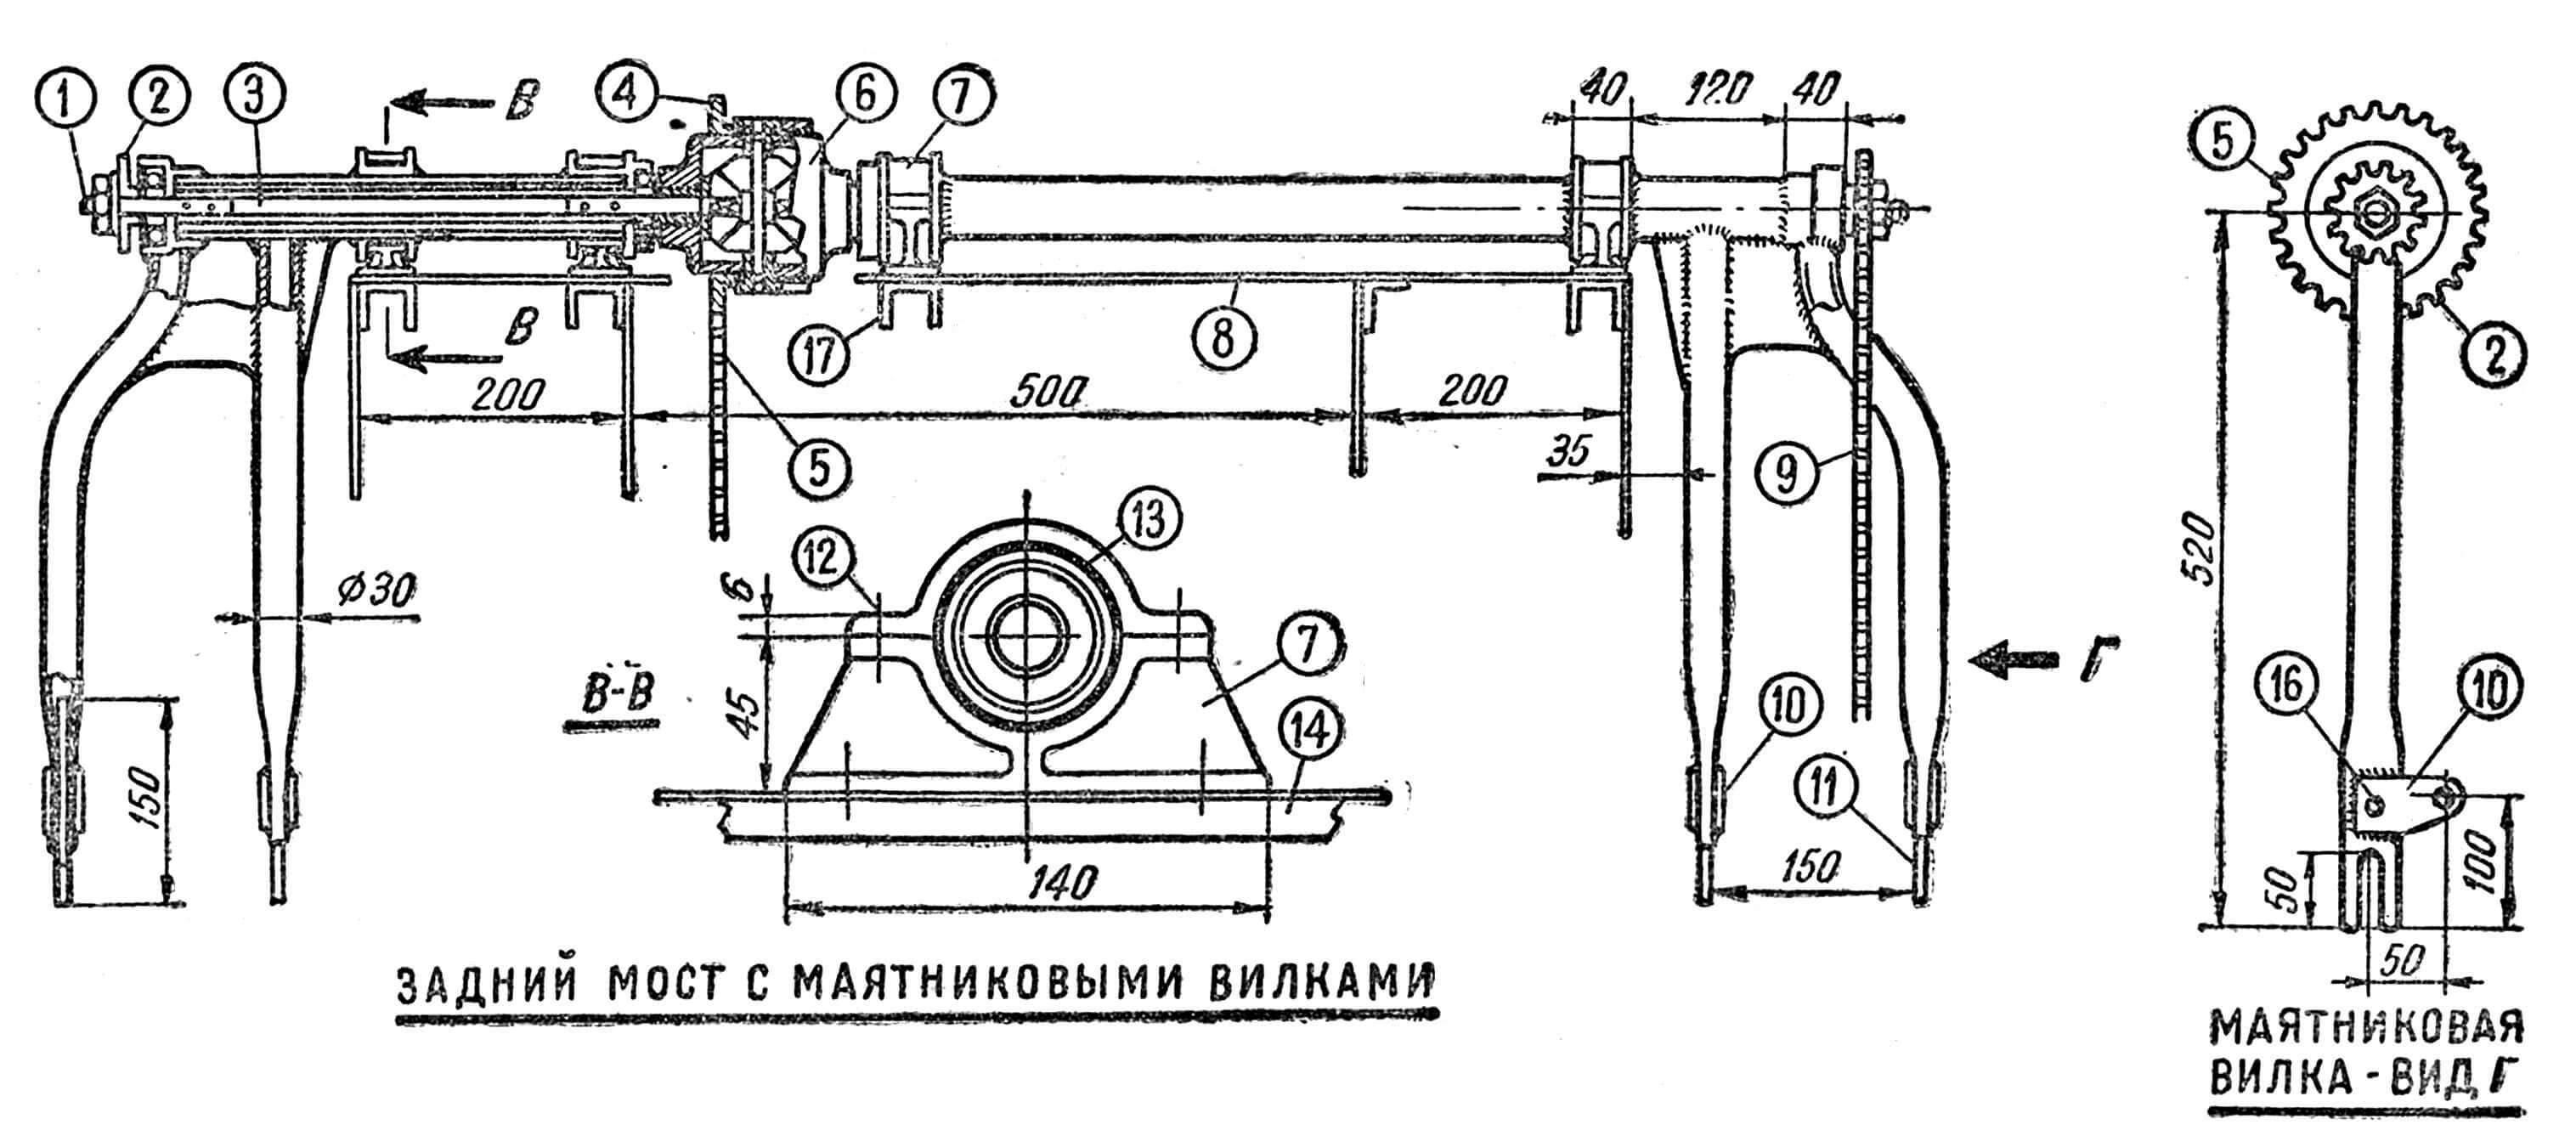 Рис. 2. Задний мост с вилками: 1 — валик; 2 — звездочка цепная; 3 — труба 20x24; 4 — цепная передача на промежуточный валик; 5 — звездочка цепи дифференциала; 6 — дифференциал; 7 — башмак крепления заднего моста; 8 — рама № 10; 9 — цепная передача на колеса; 10 — пластины для крепления подвесок; 11 — пластины для крепления осей колес; 12 — болты ᴓ 6 мм; 13 — бронзовые вкладыши; 14 — силовые угольники на раме № 10; 15 — подшипник N° 304; 16 — отверстие фиксатора; 17 — силовые профили на раме № 10.